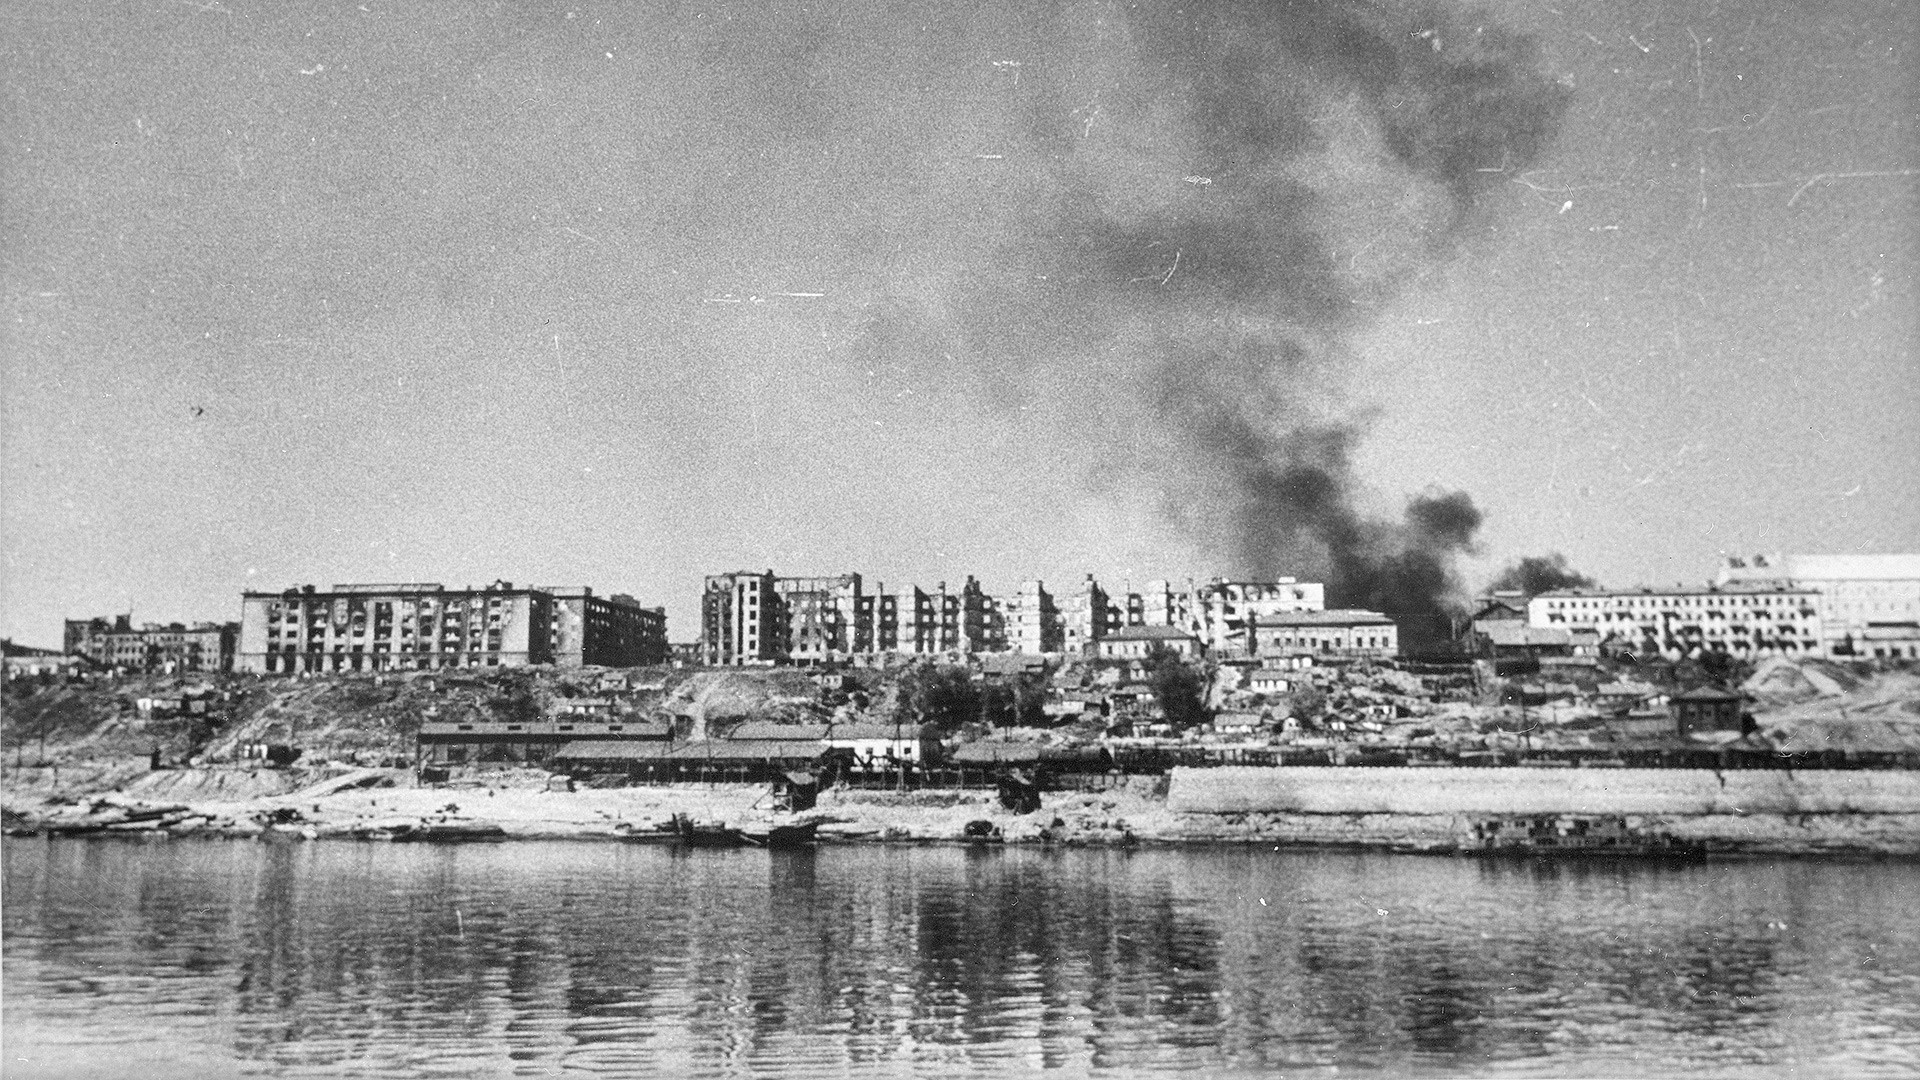 Vista del Volga y de Stalingrado (Volgogrado) destruido, 1942